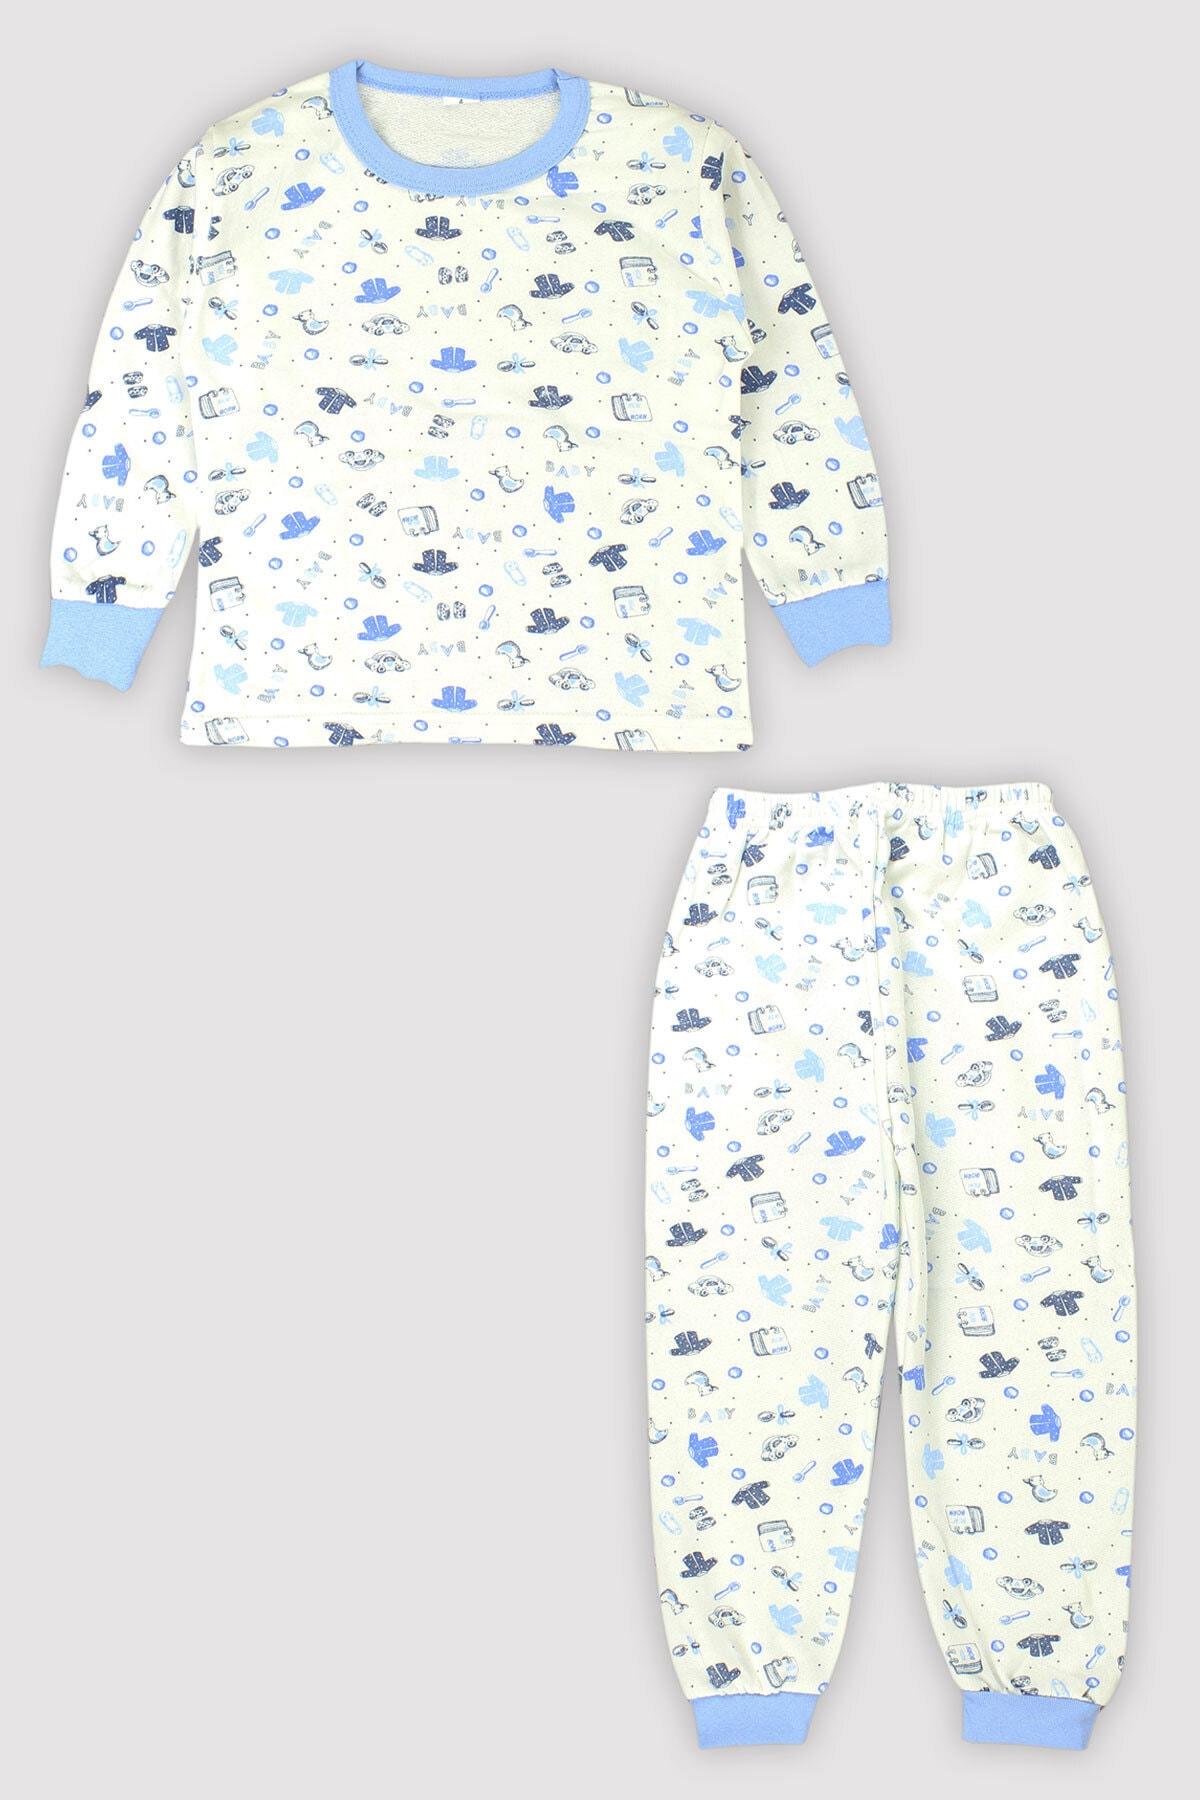 Peki 4 Mevsim Kız Erkek Çocuk Karışık Baskılı %100 Pamuk Pijama Takım 9546 1